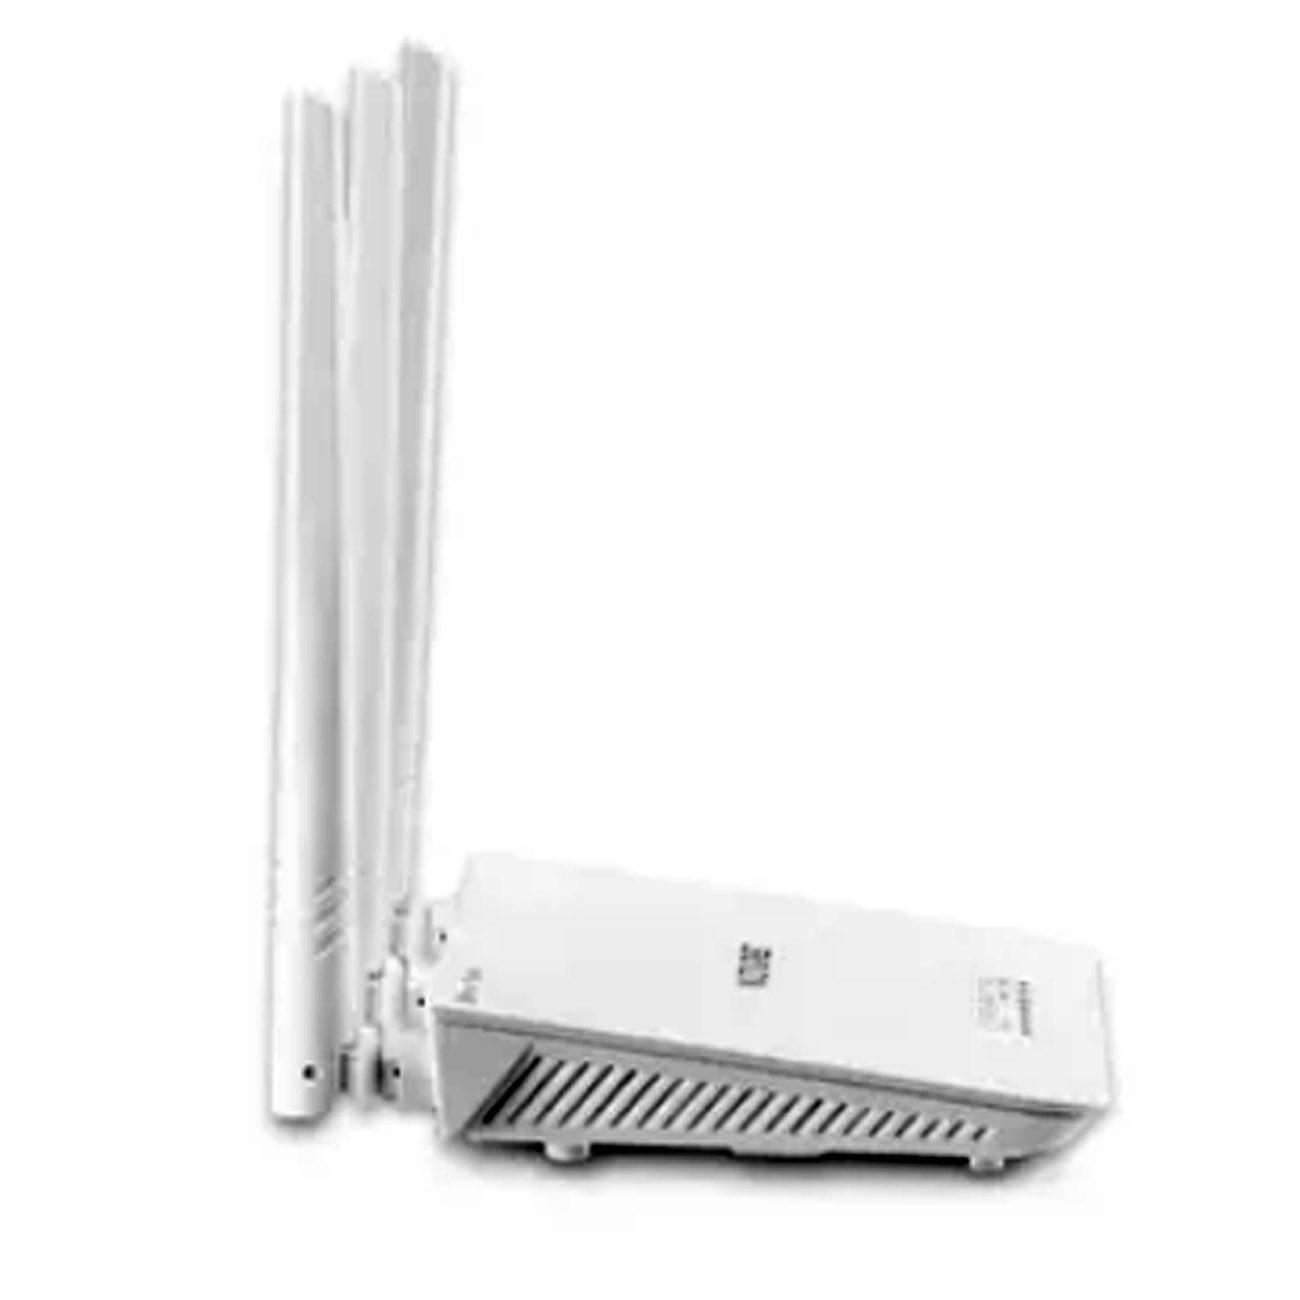 Roteador Três Antenas Branco Ipv6 300 Mbps RE163V